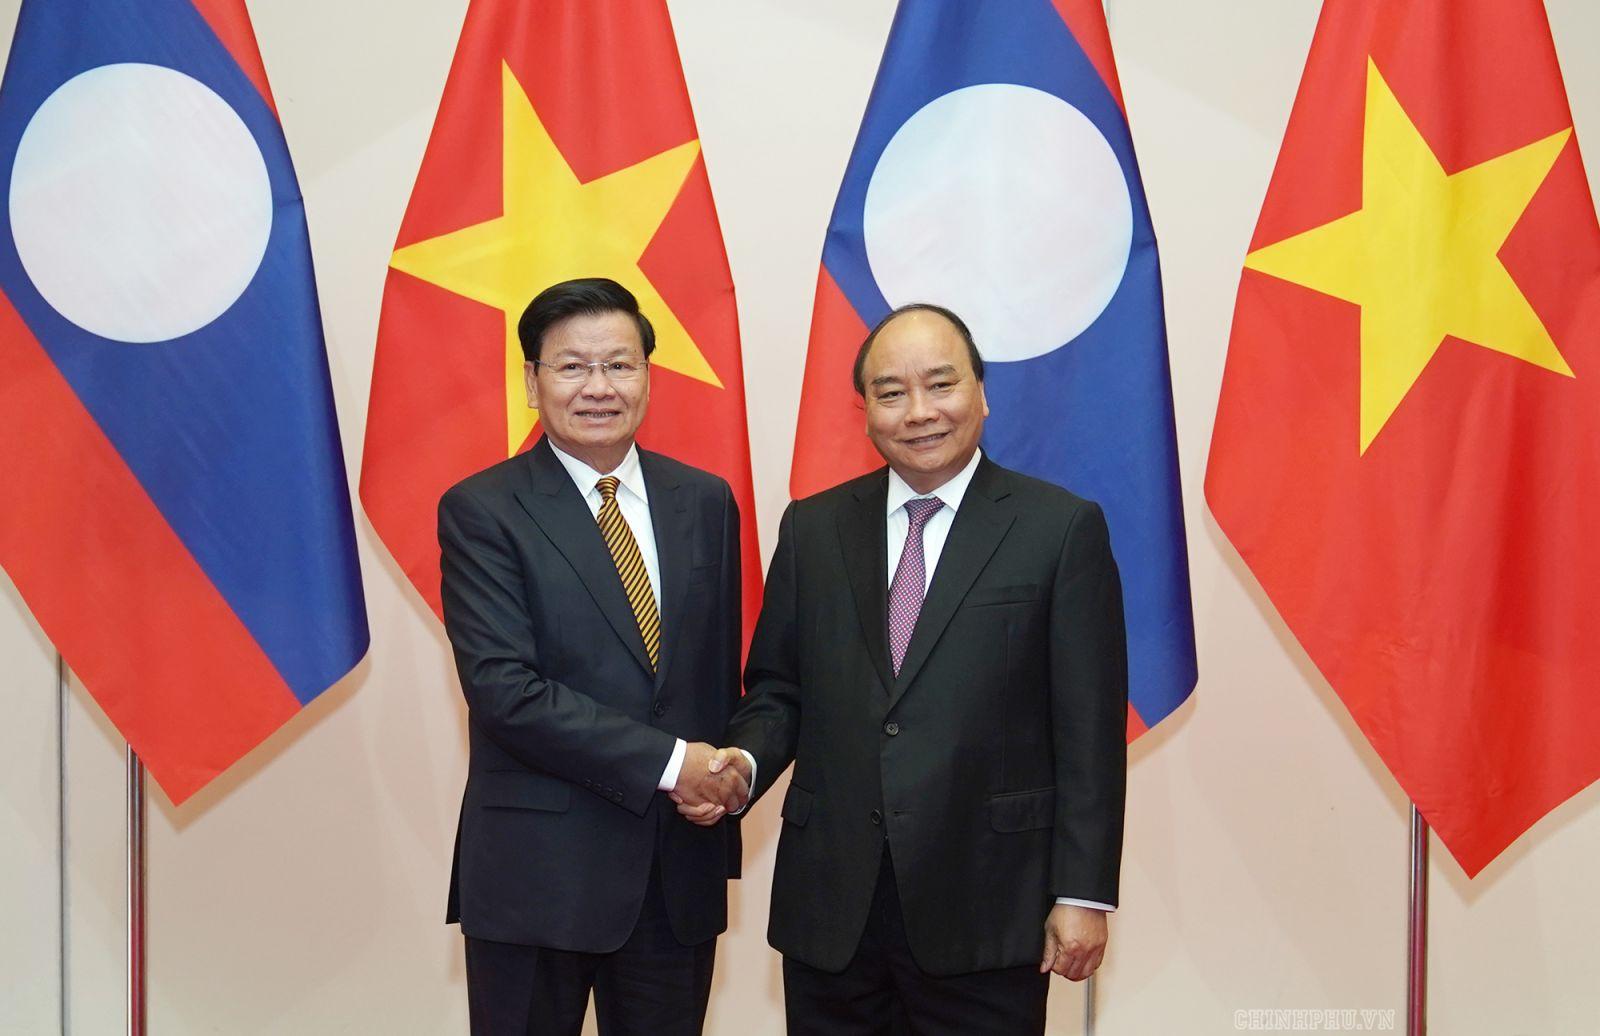 Thủ tướng Nguyễn Xuân Phúc và Thủ tướng Lào Thongloun Sisoulith. Ảnh VGP/Quang Hiếu